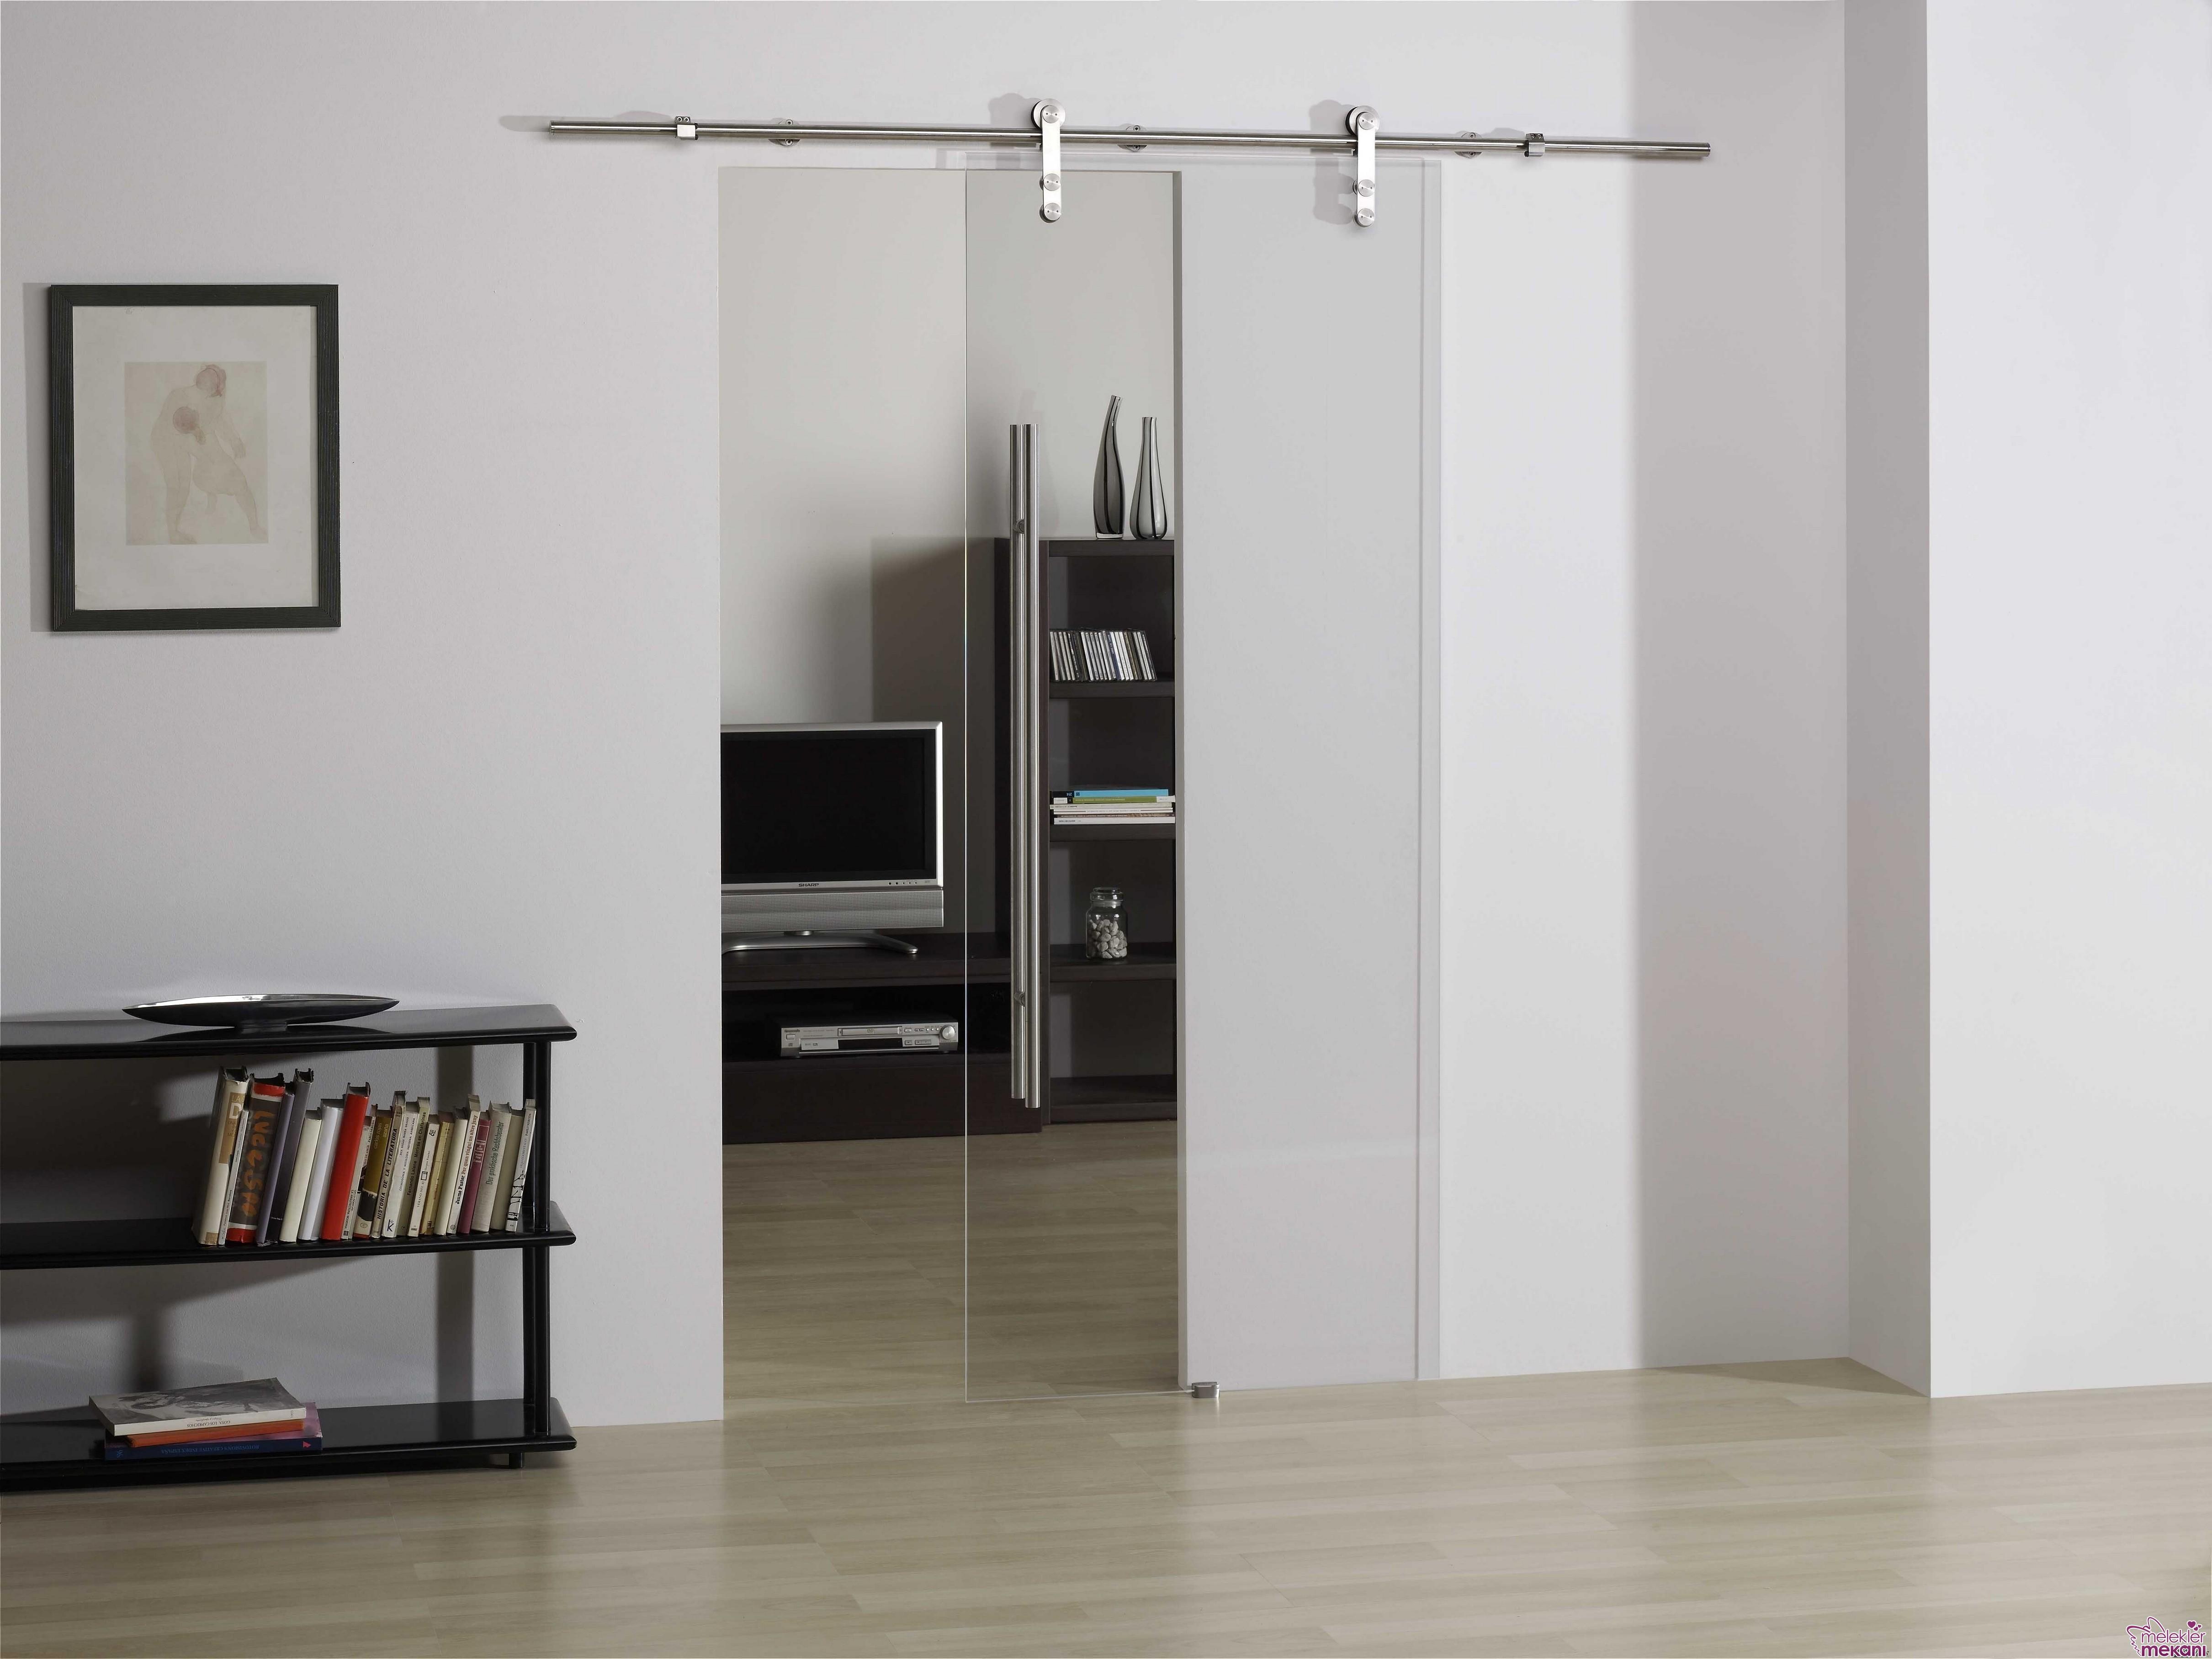 Sürme kapıda tercihinizi cam kapı modellerinden yana kullanabilirsiniz.